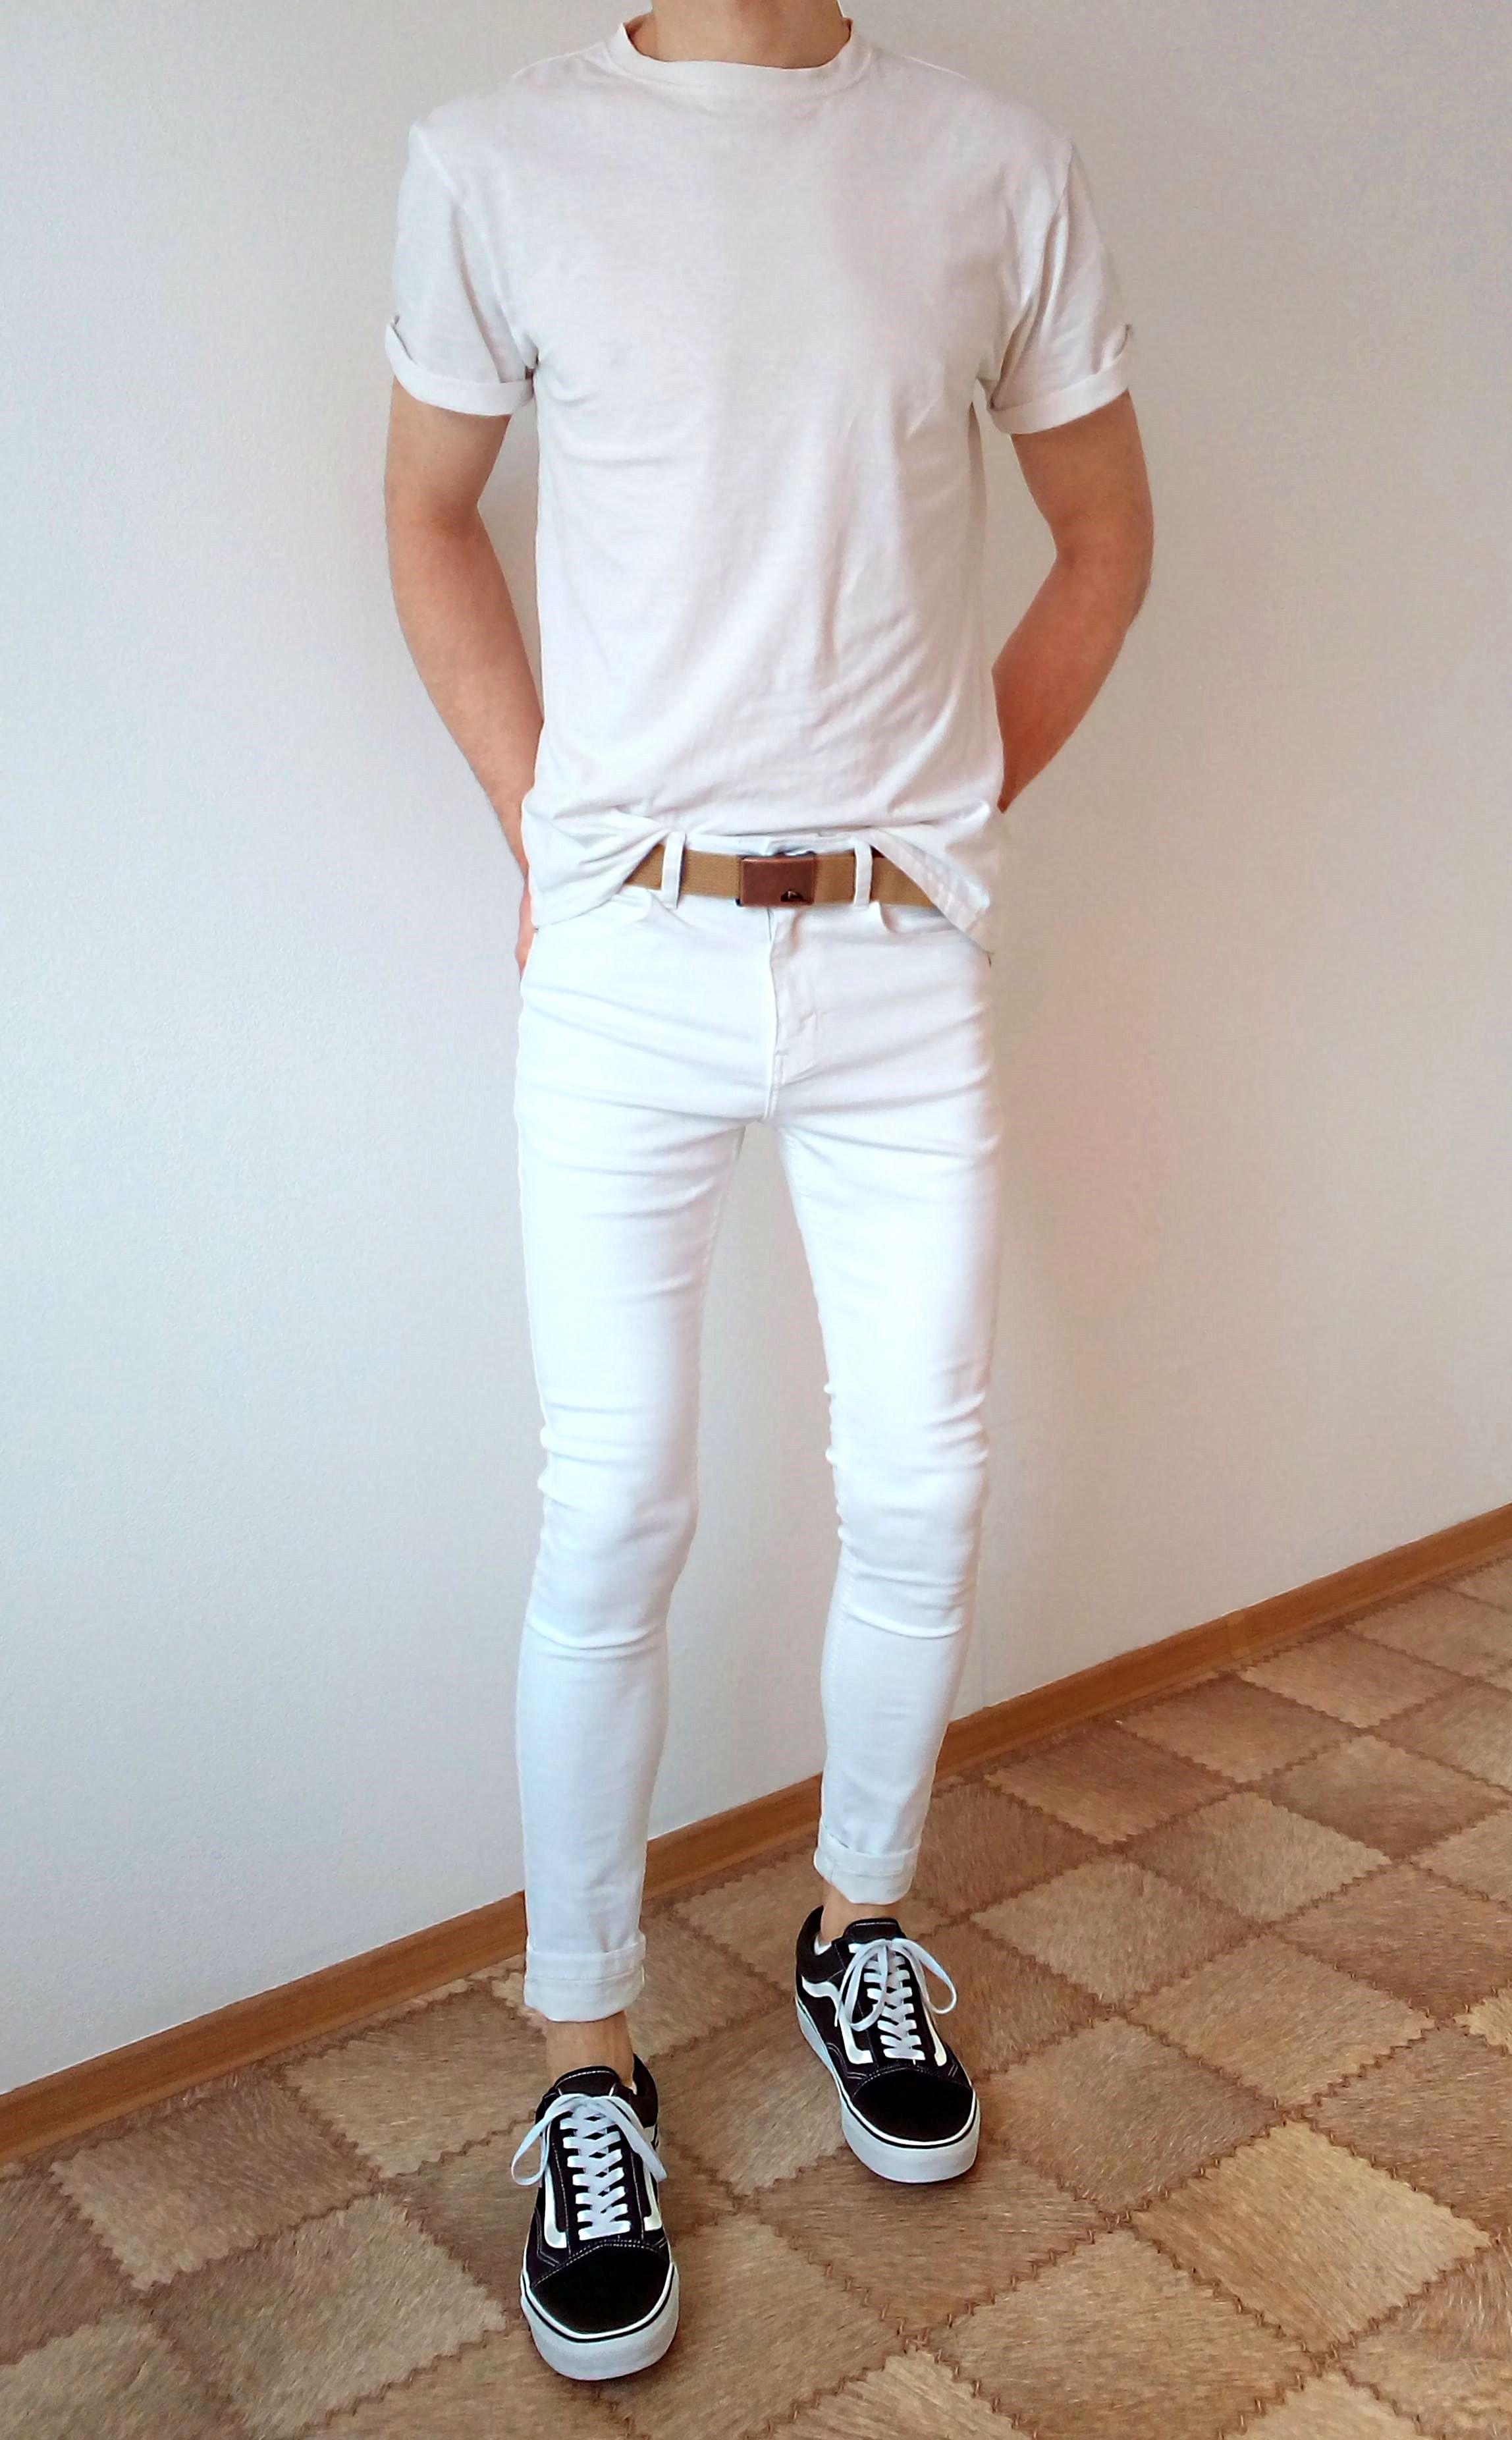 Pin de SIMON TAB en Männer mode | Combinar ropa hombre